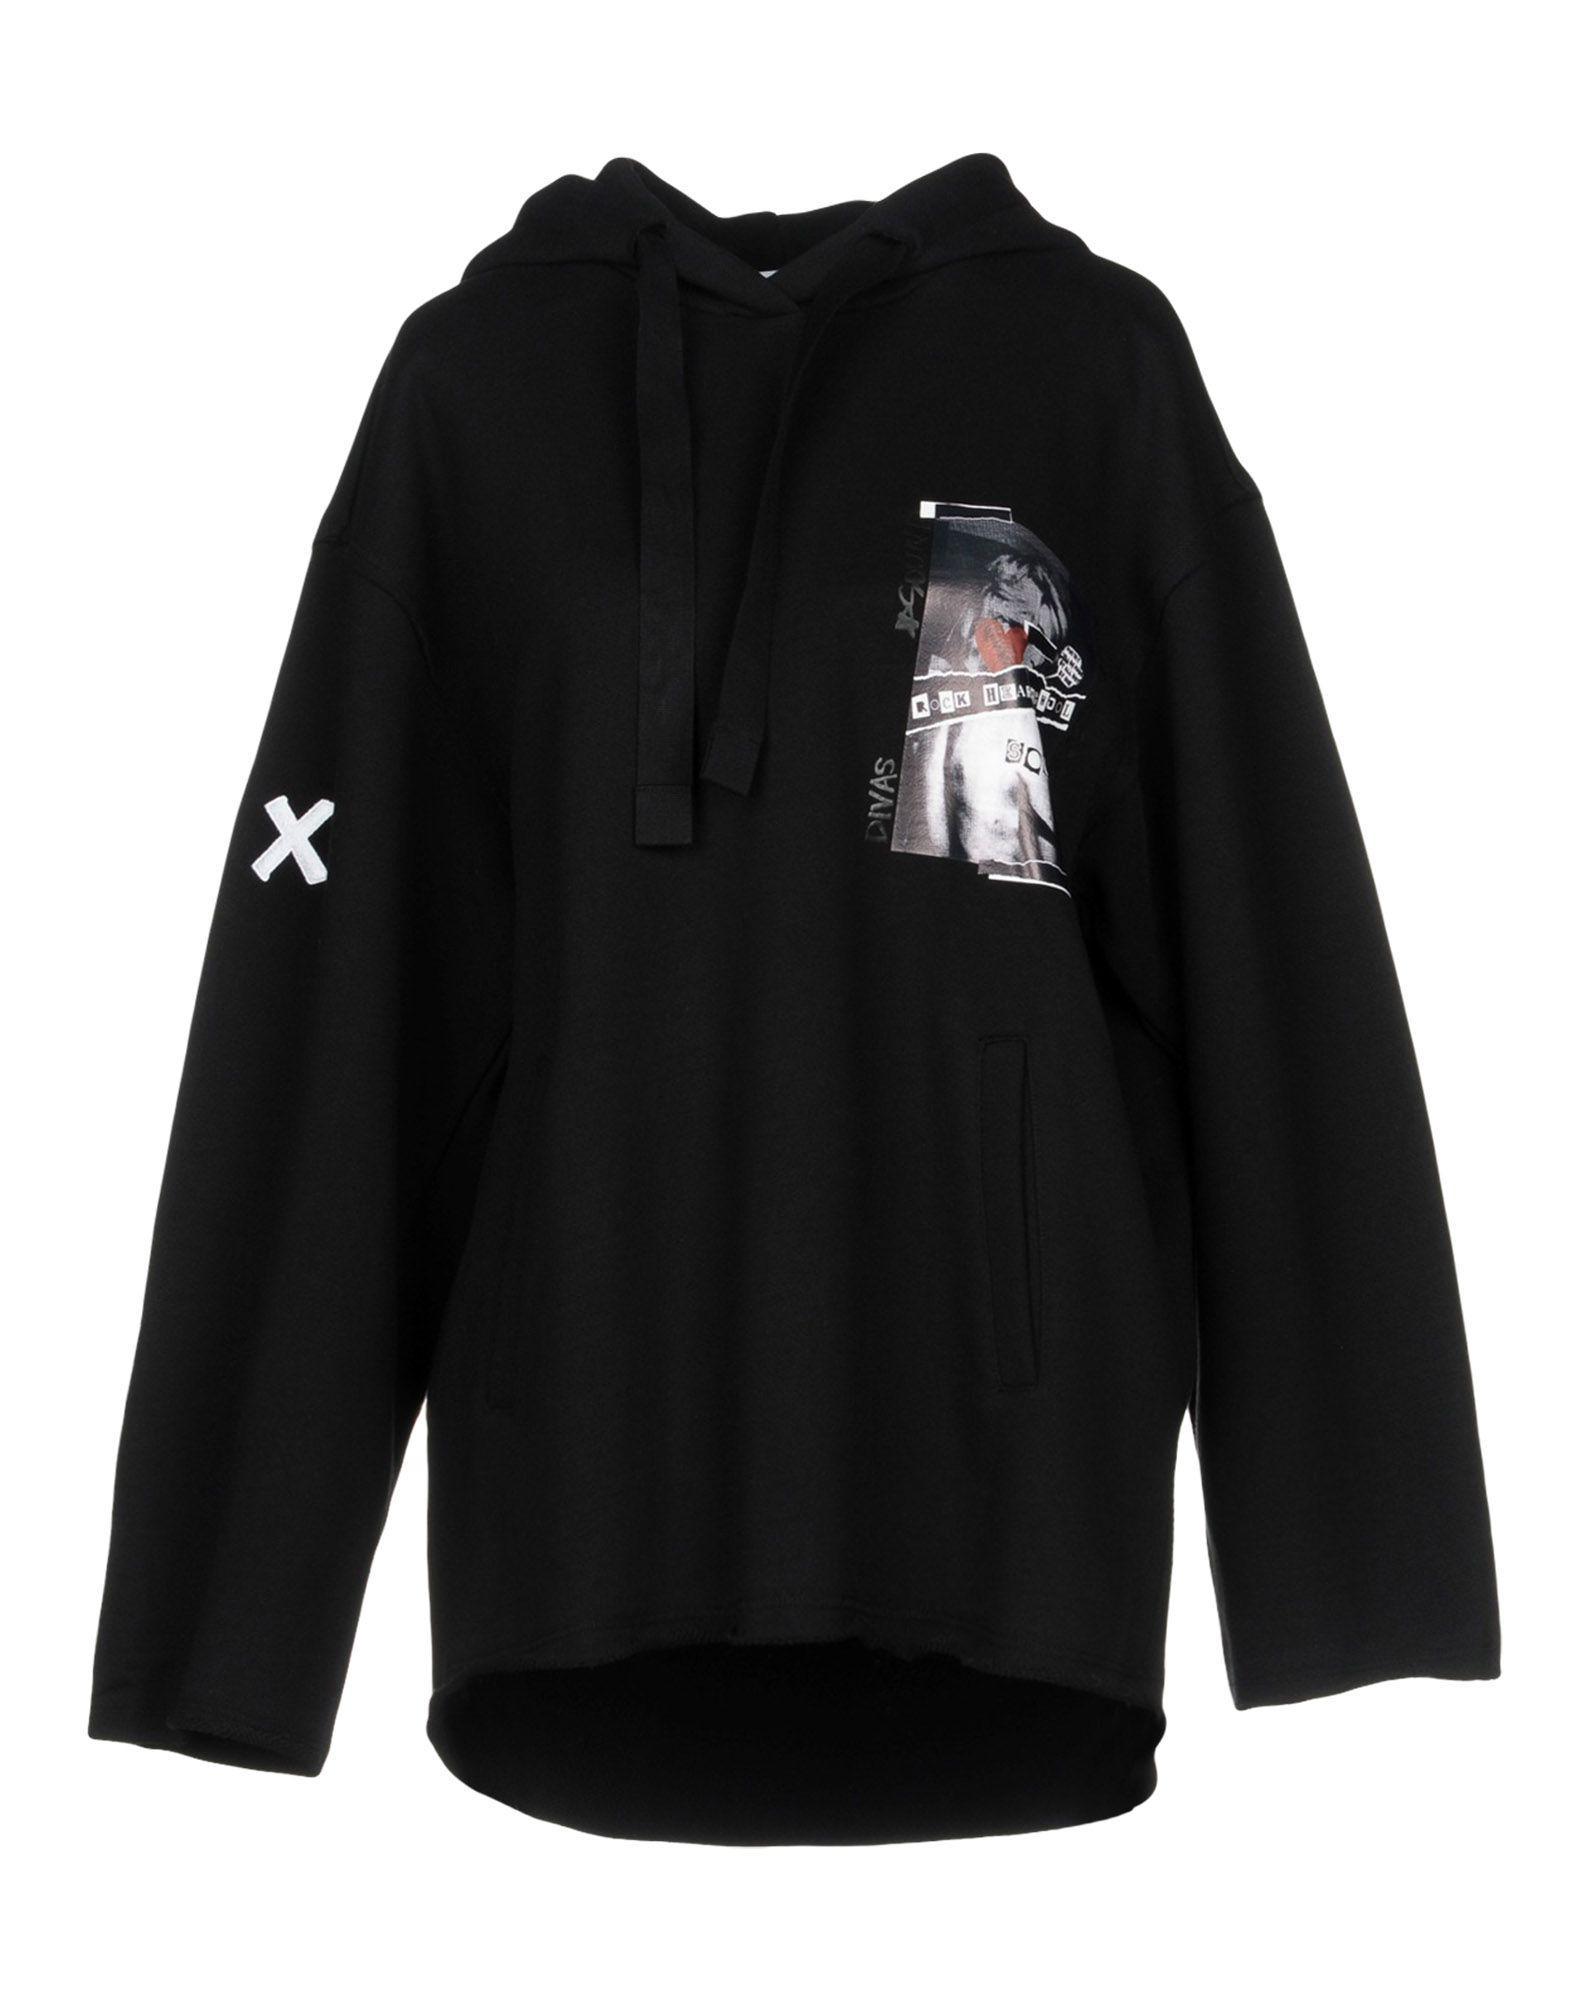 Sjyp Hooded Sweatshirt In Black